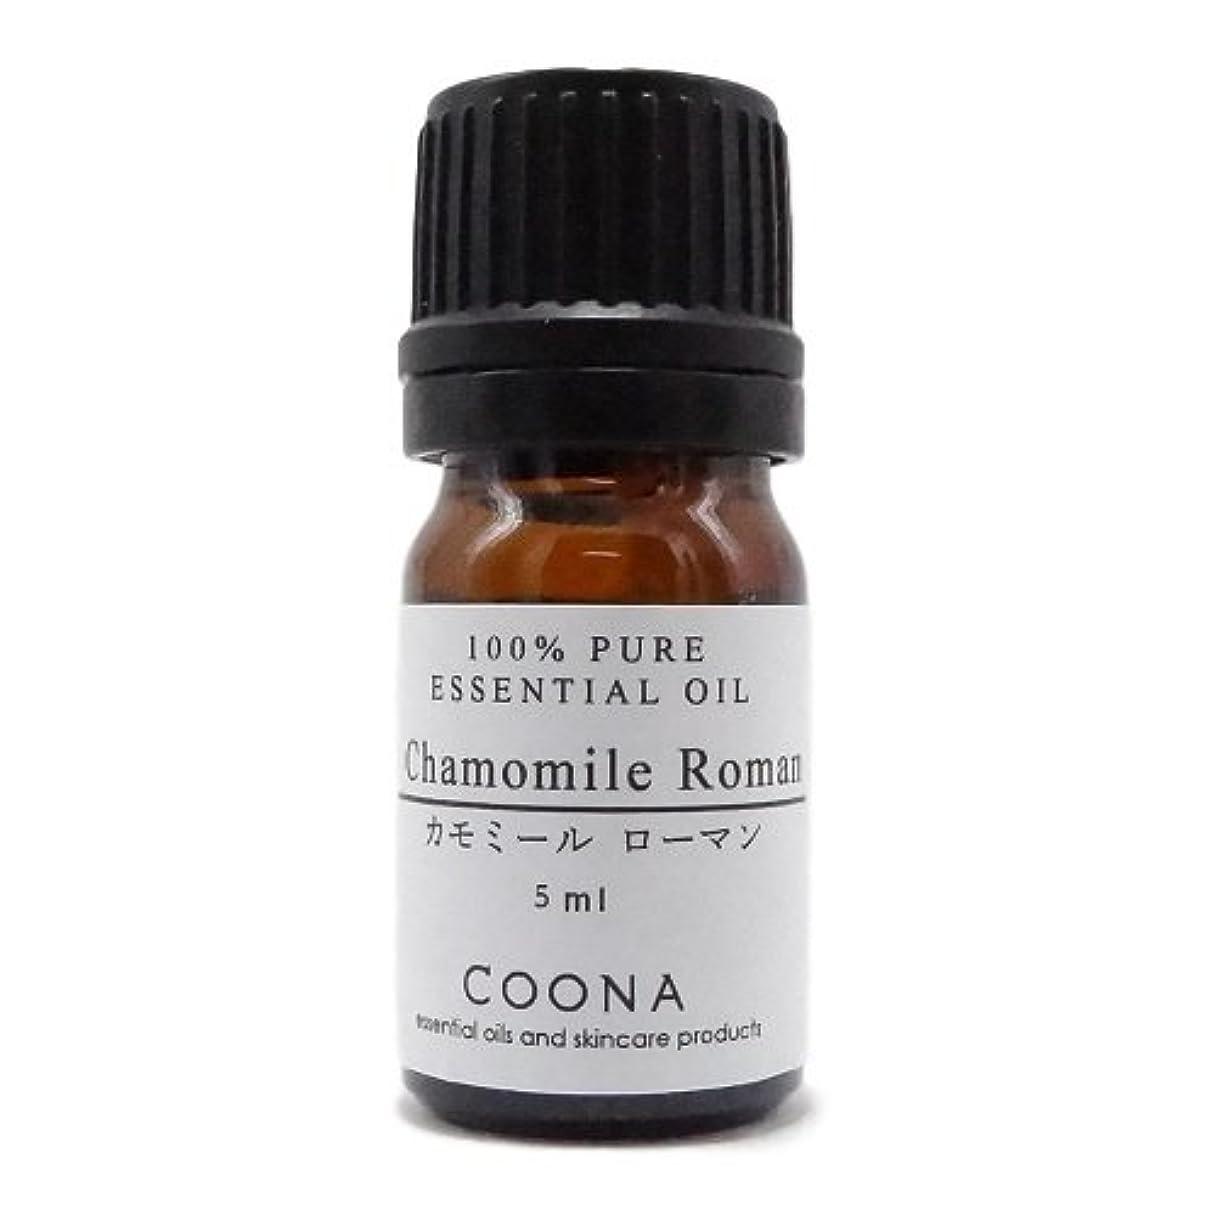 カモミール ローマン 5 ml (COONA エッセンシャルオイル アロマオイル 100%天然植物精油)